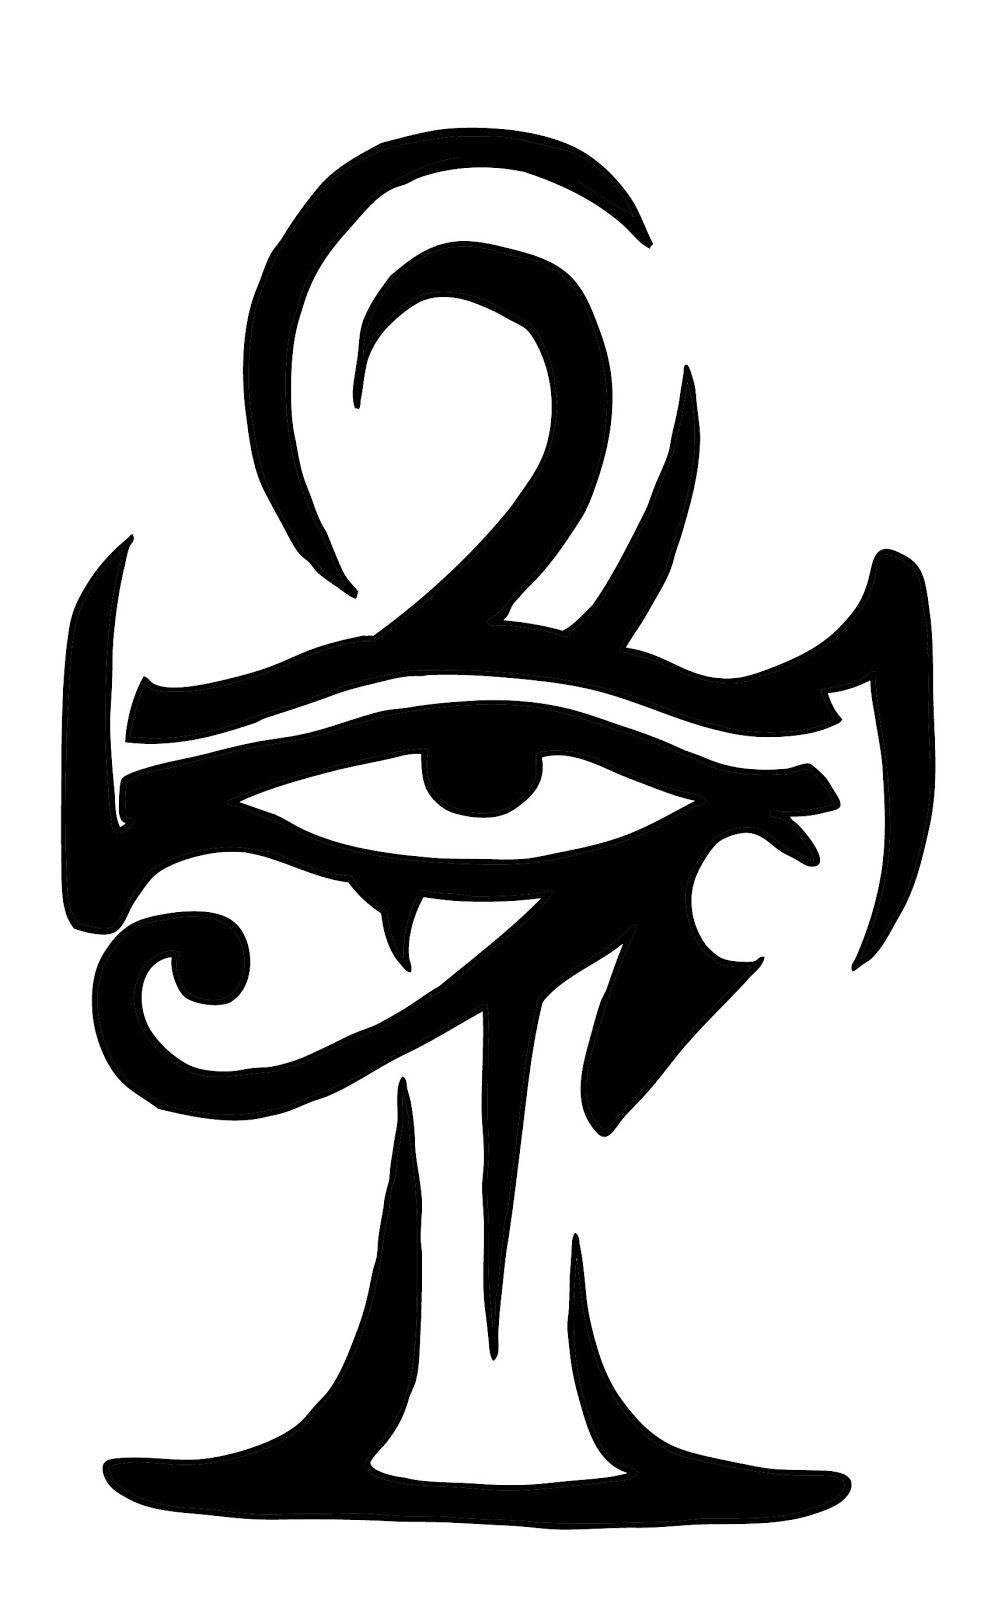 Egyptian Eye Ankh Tattoos Tattoos Ankh Tattoo Tattoo Designs